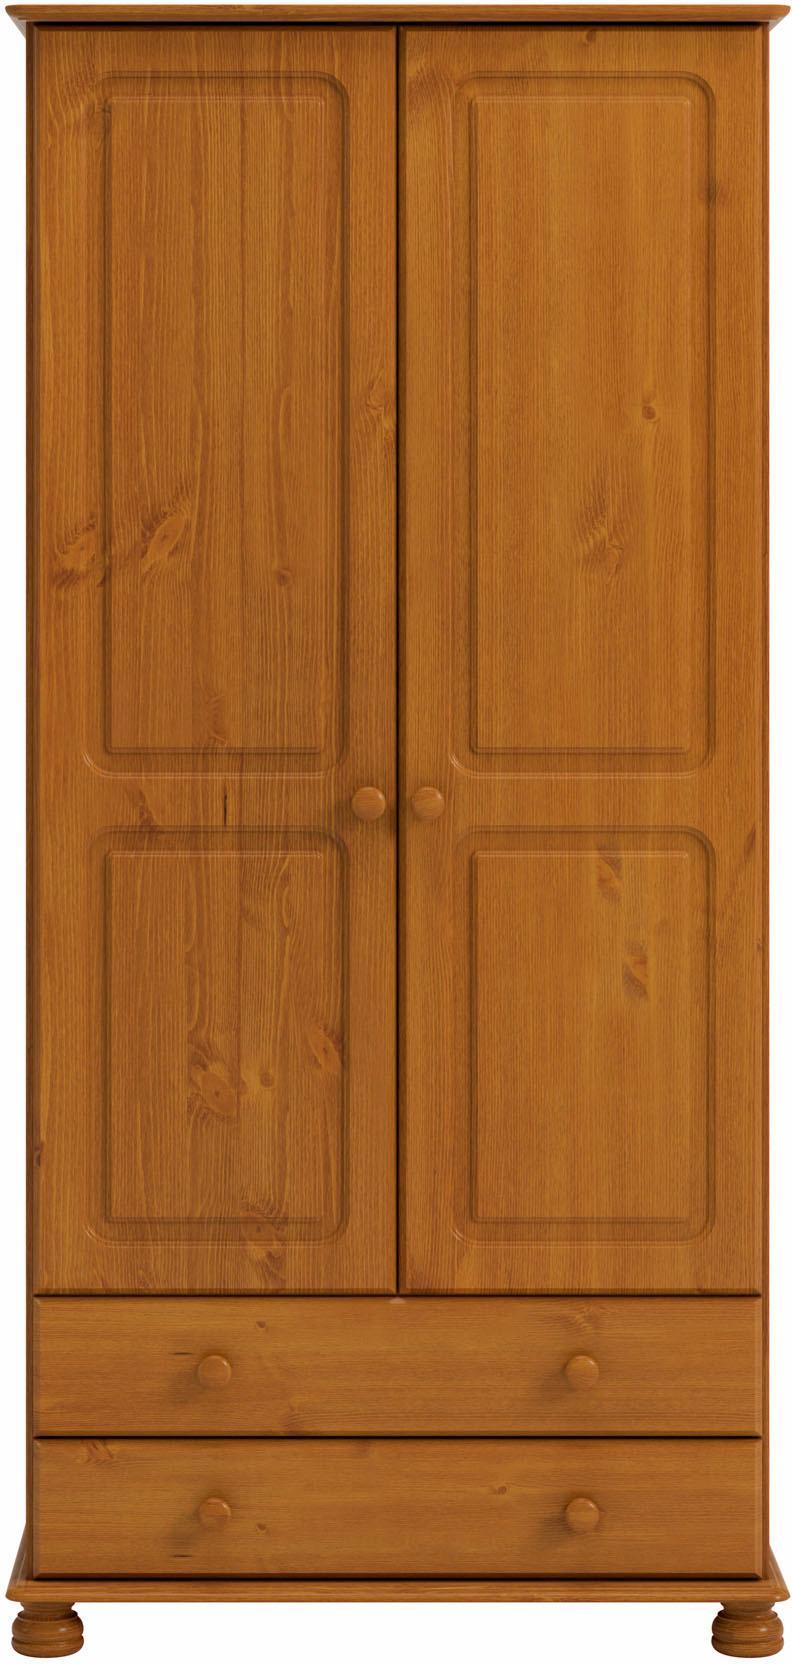 Home affaire Kleiderschrank Richmond mit 2 Schubladen Breite 88 cm